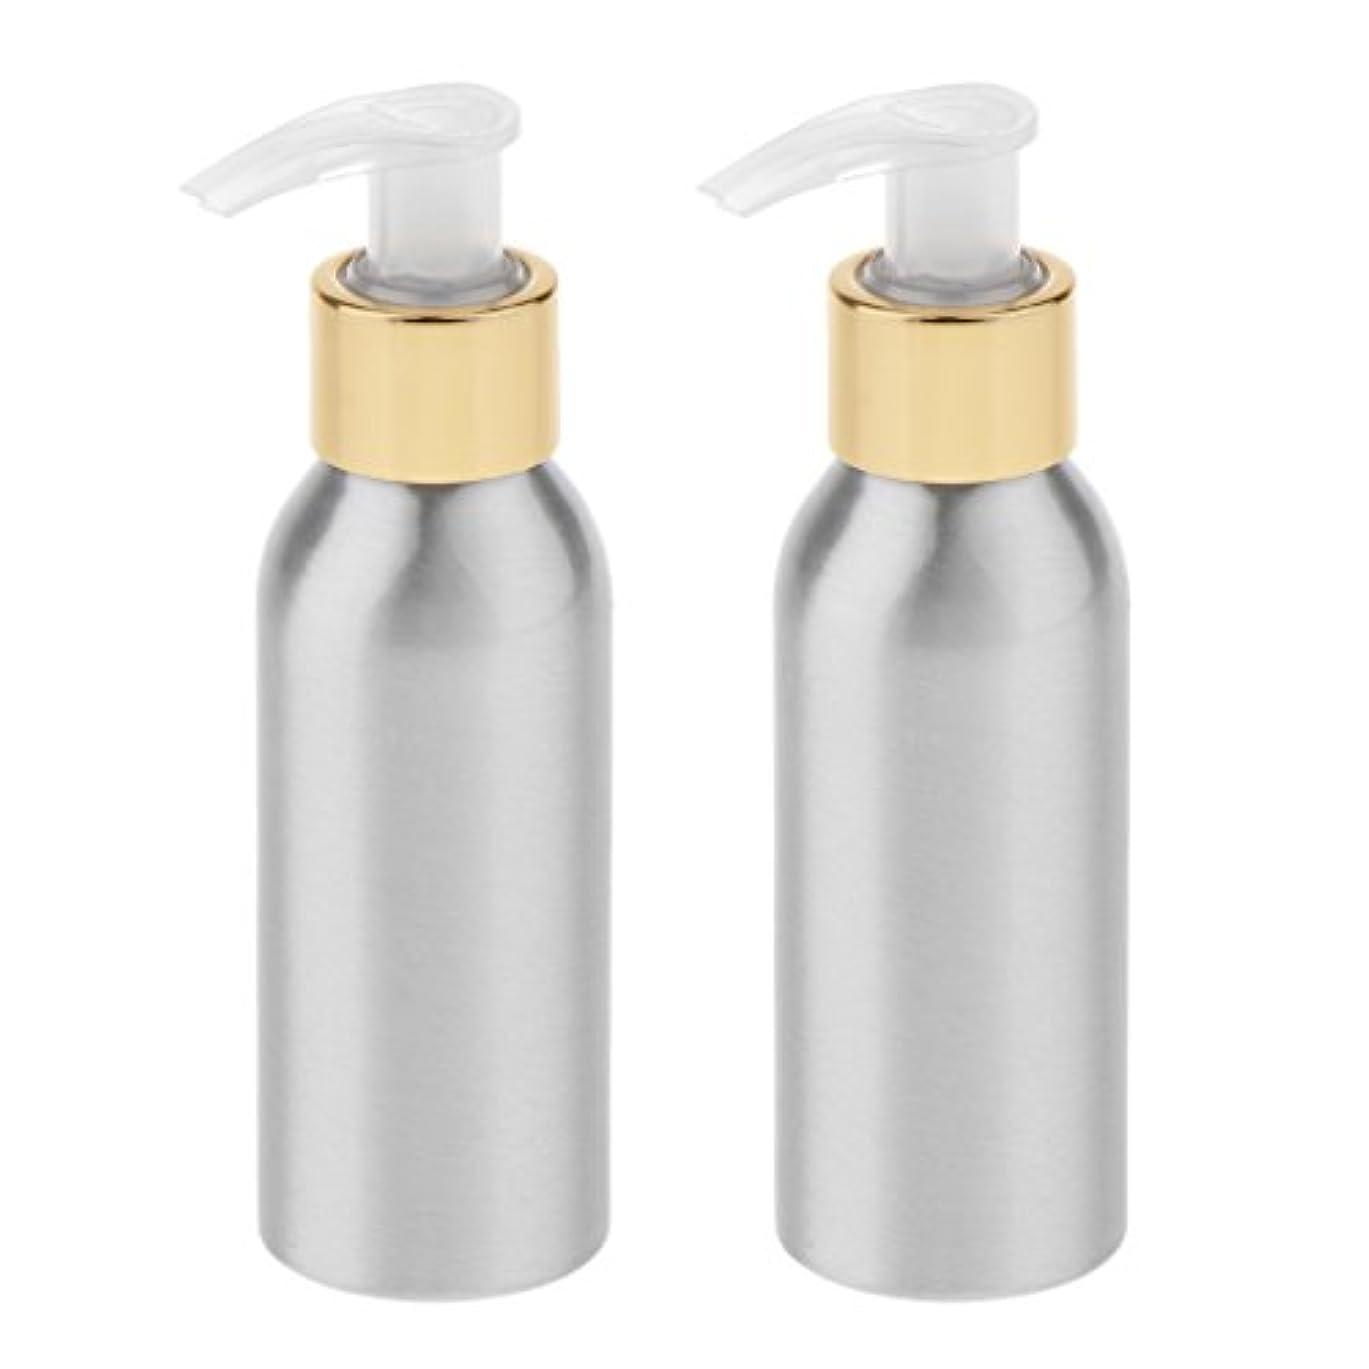 畝間版技術的なBlesiya 2本 スプレーボトル ポンプボトル アルミボトル 噴霧器 香水ボトル 通勤/旅行/出張 便利 6サイズ選択 - 120ml